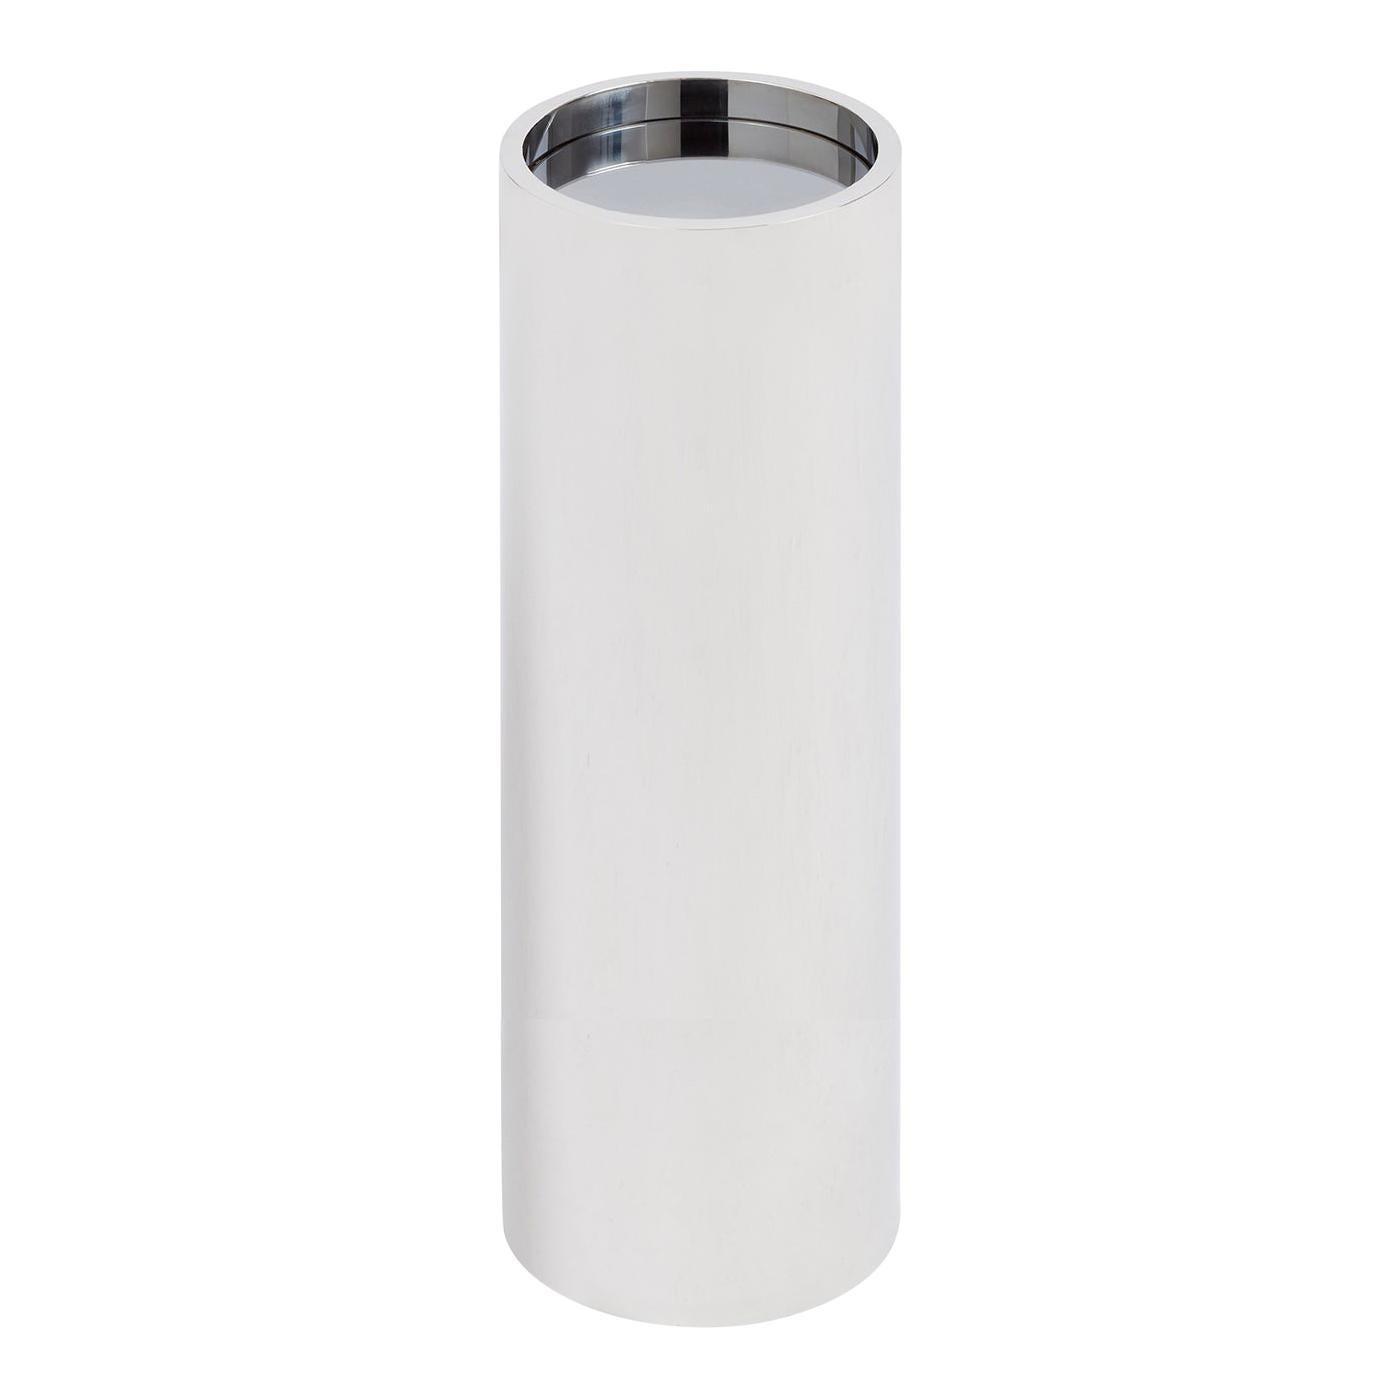 Alphaville Stainless Steel Pedestal